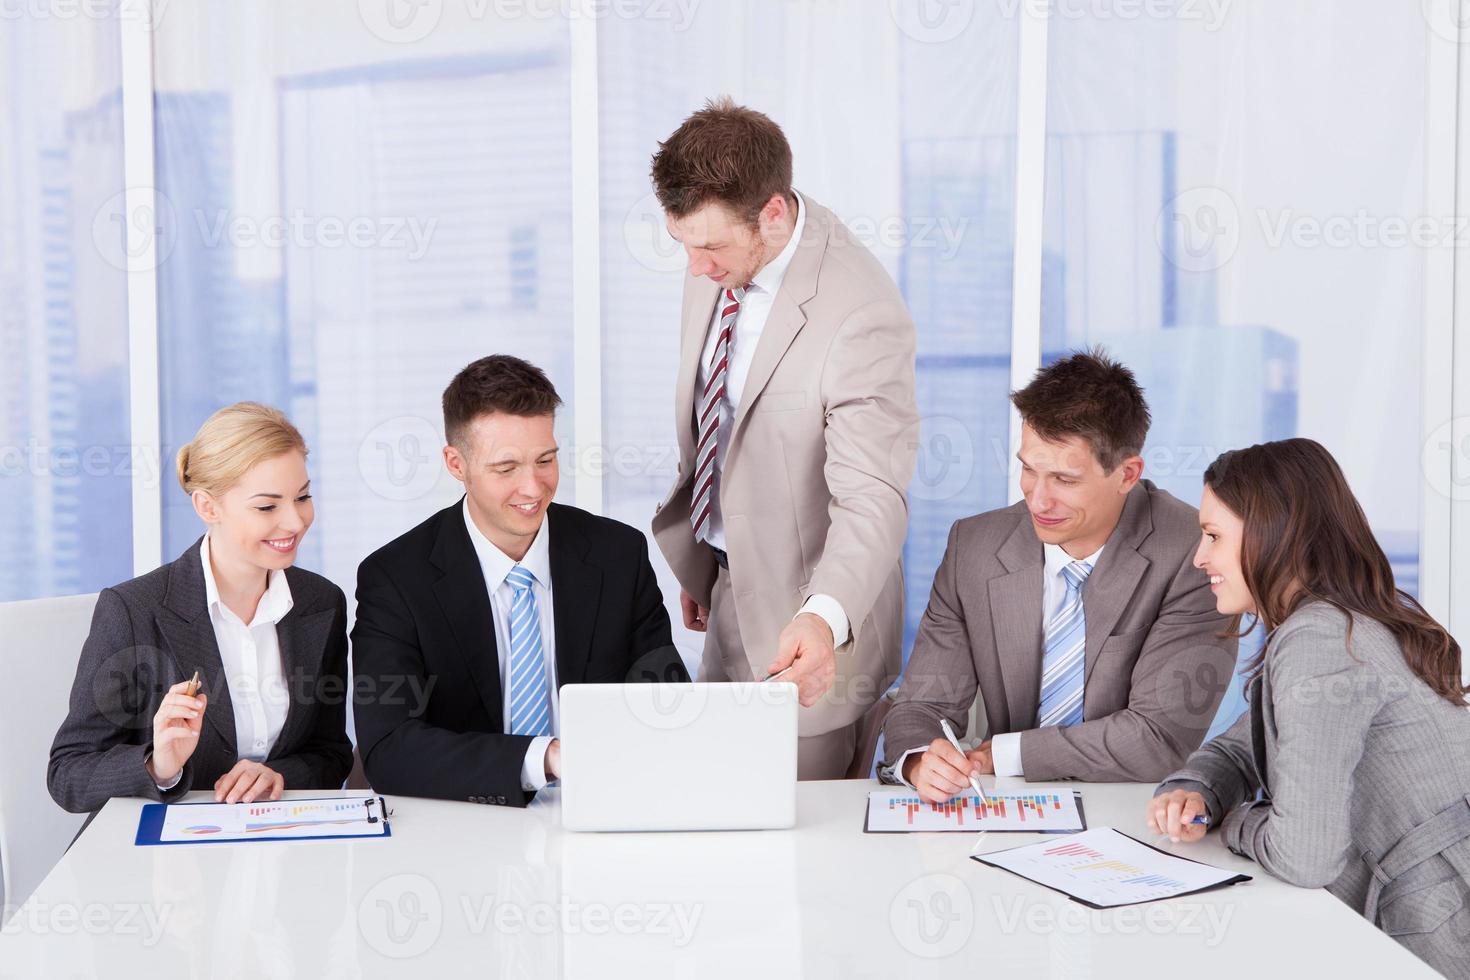 Geschäftsleute diskutieren auf Laptop im Büro foto